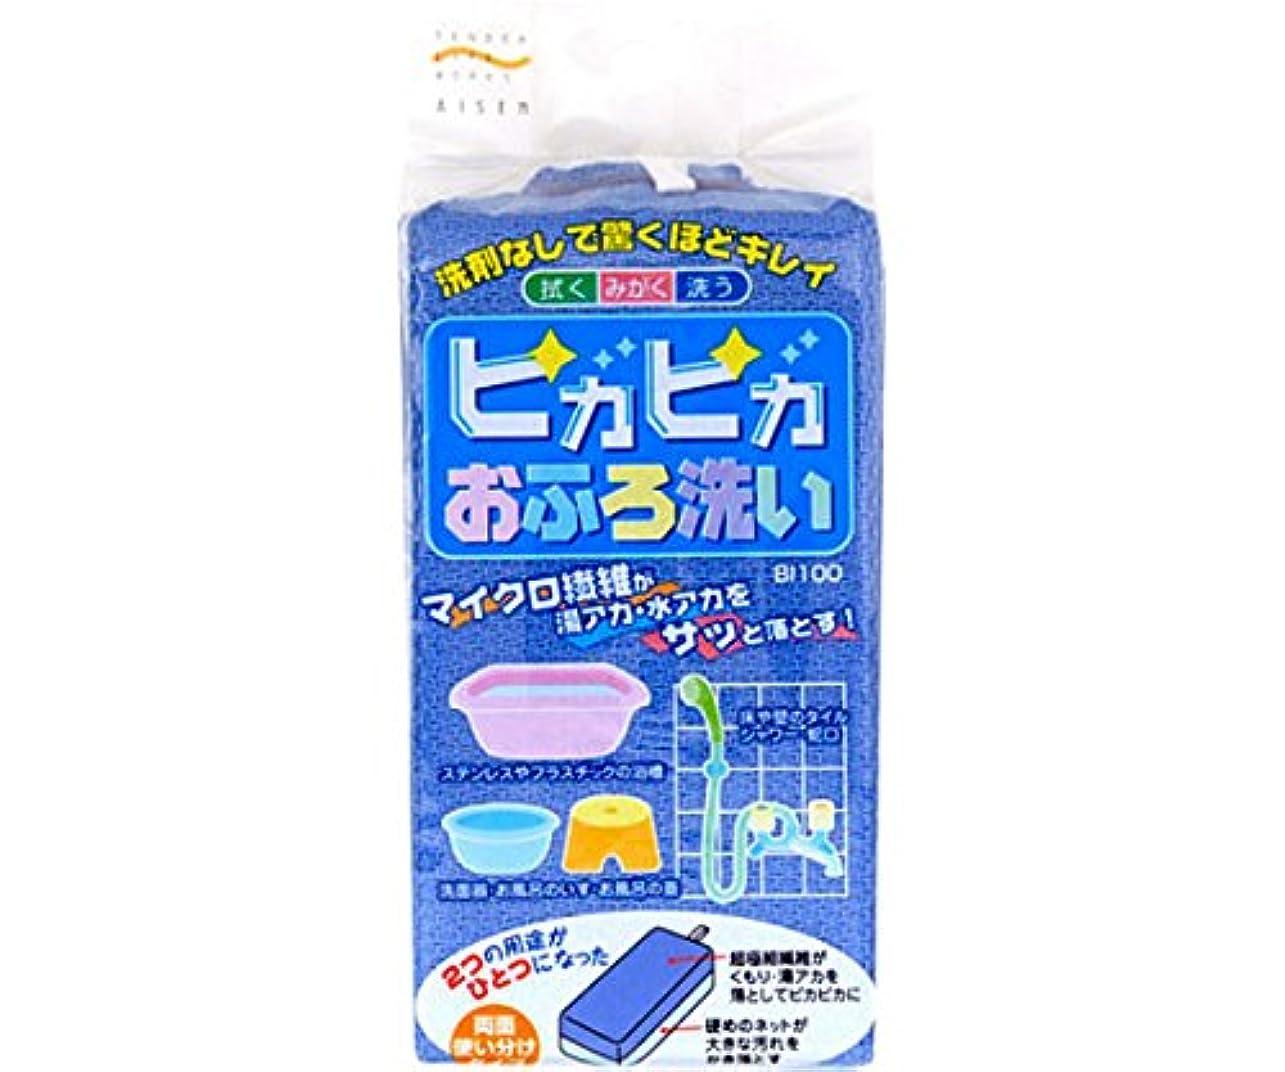 はげ申し立てインディカピカピカ お風呂洗い BI-100 アイセン